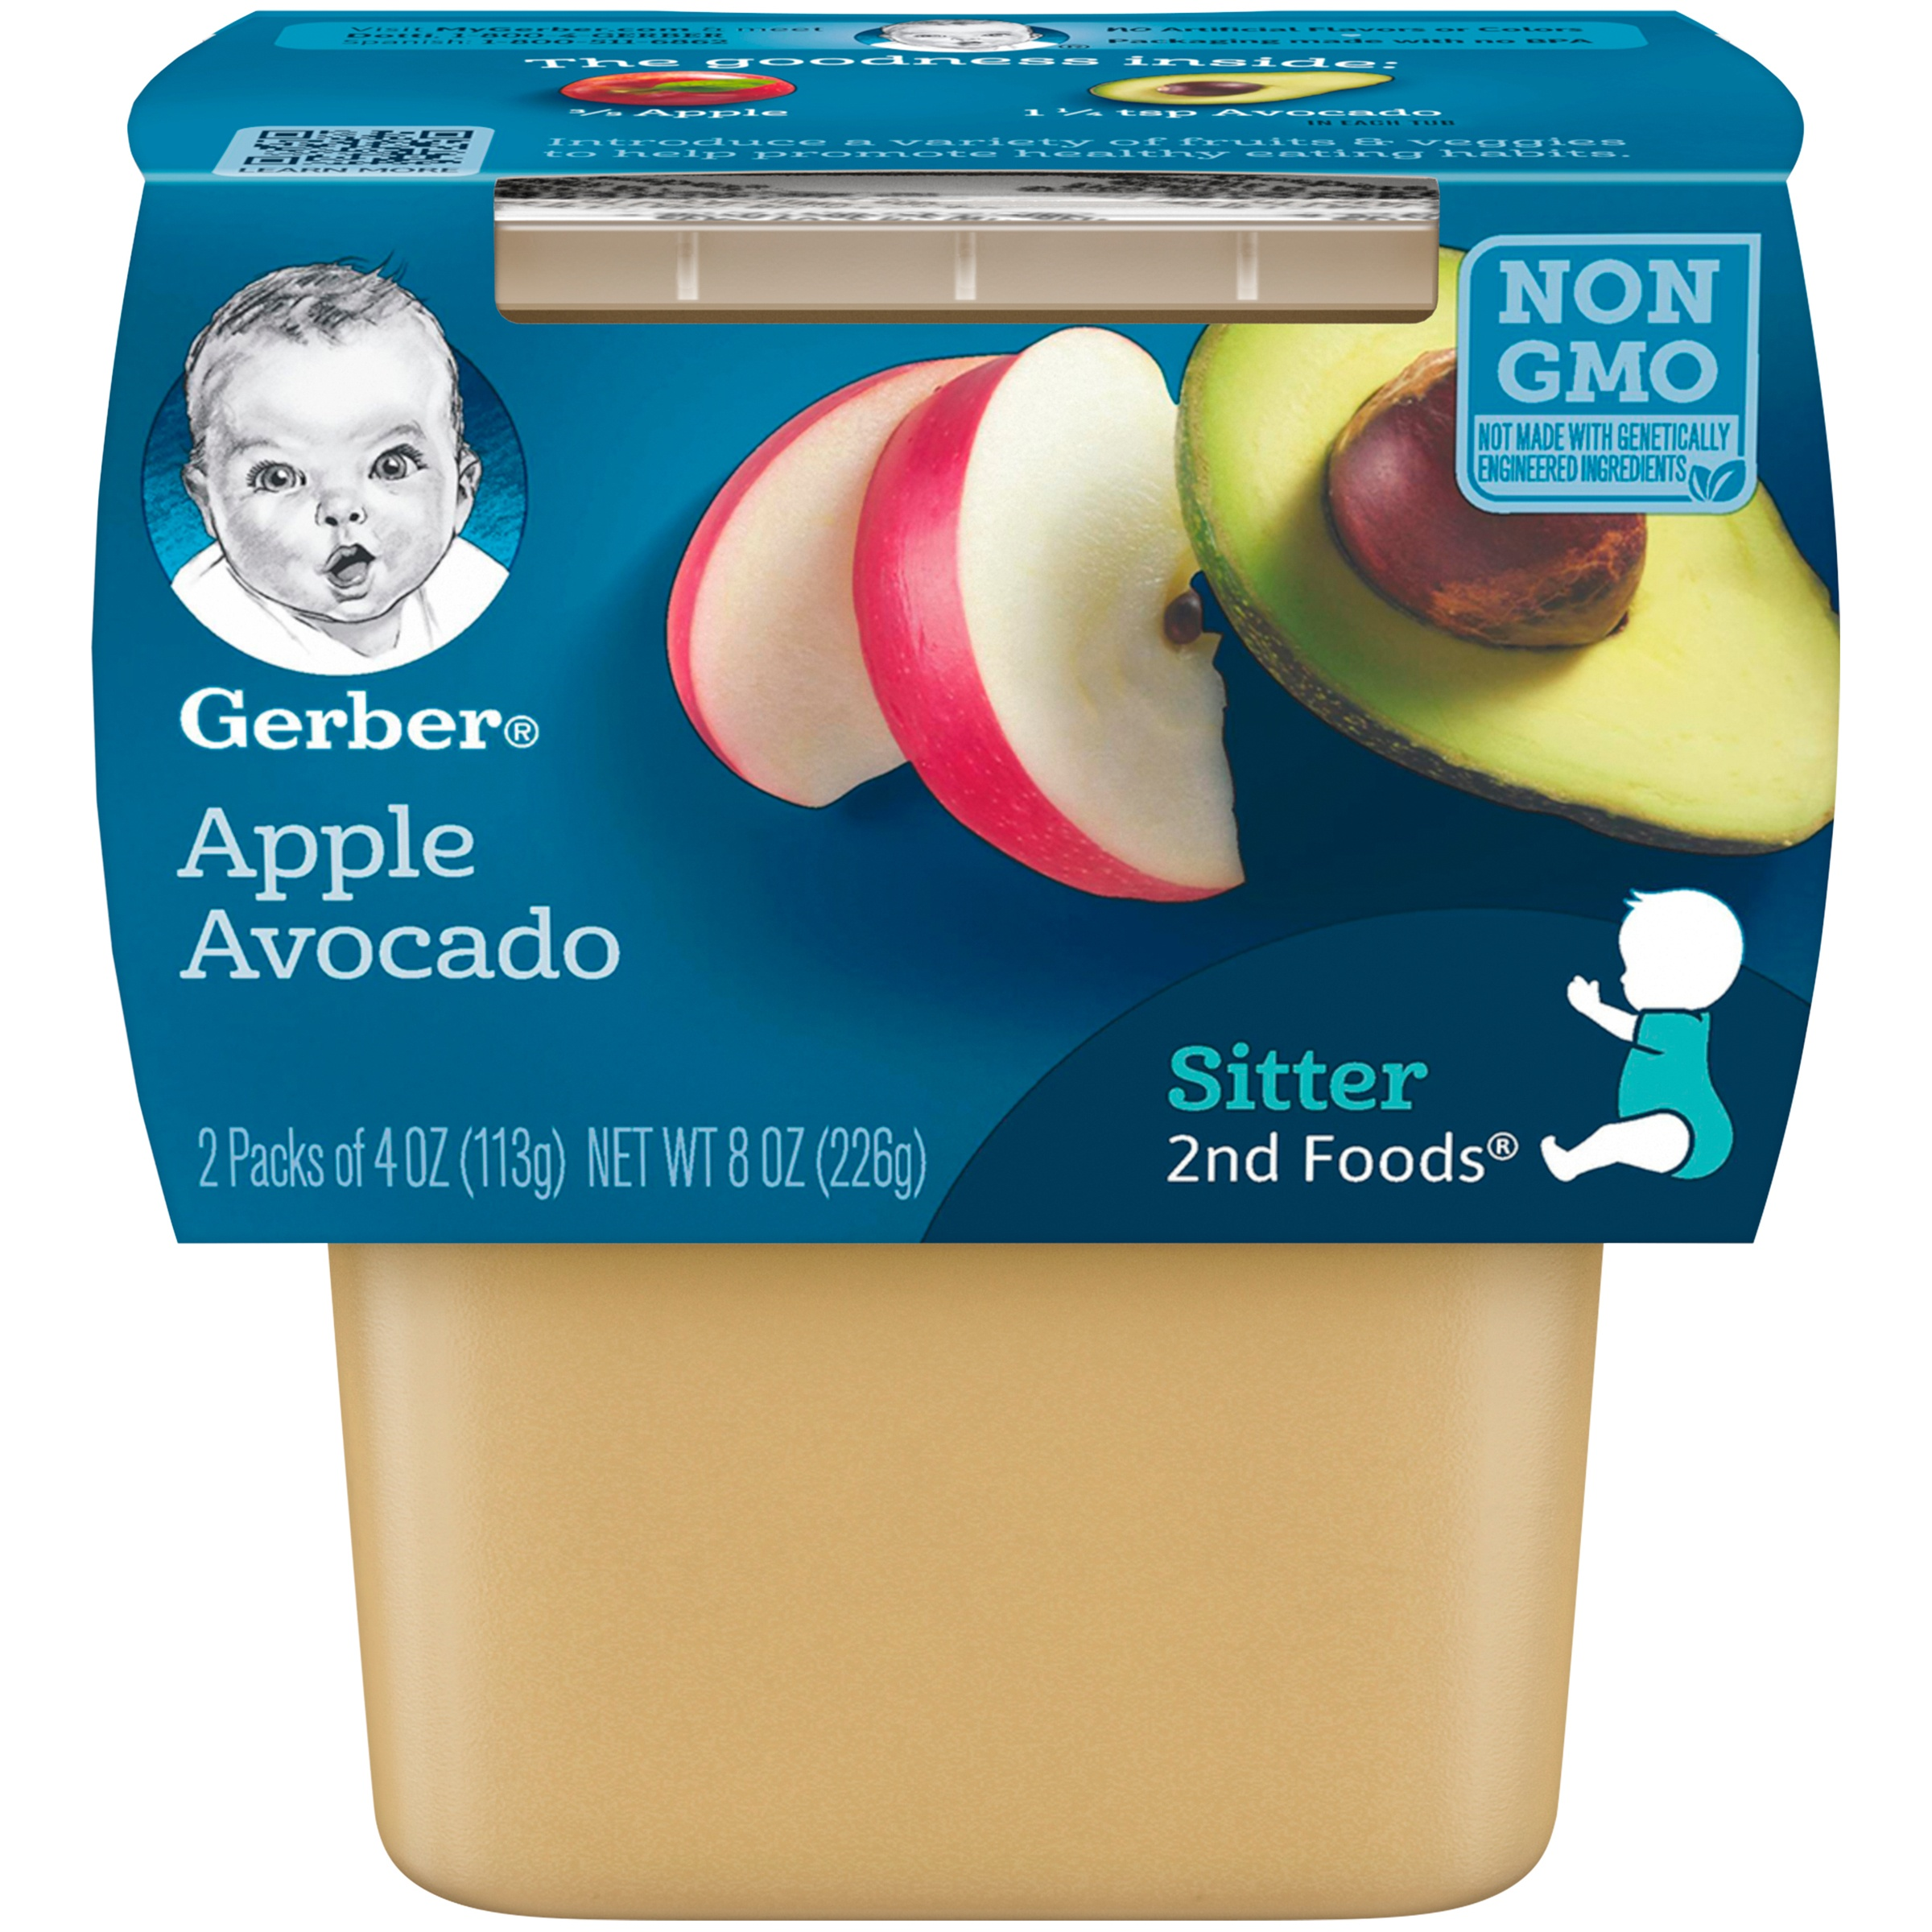 (6 Pack) Gerber 2nd Foods Apple Avocado Baby Food, 4 oz. Tubs